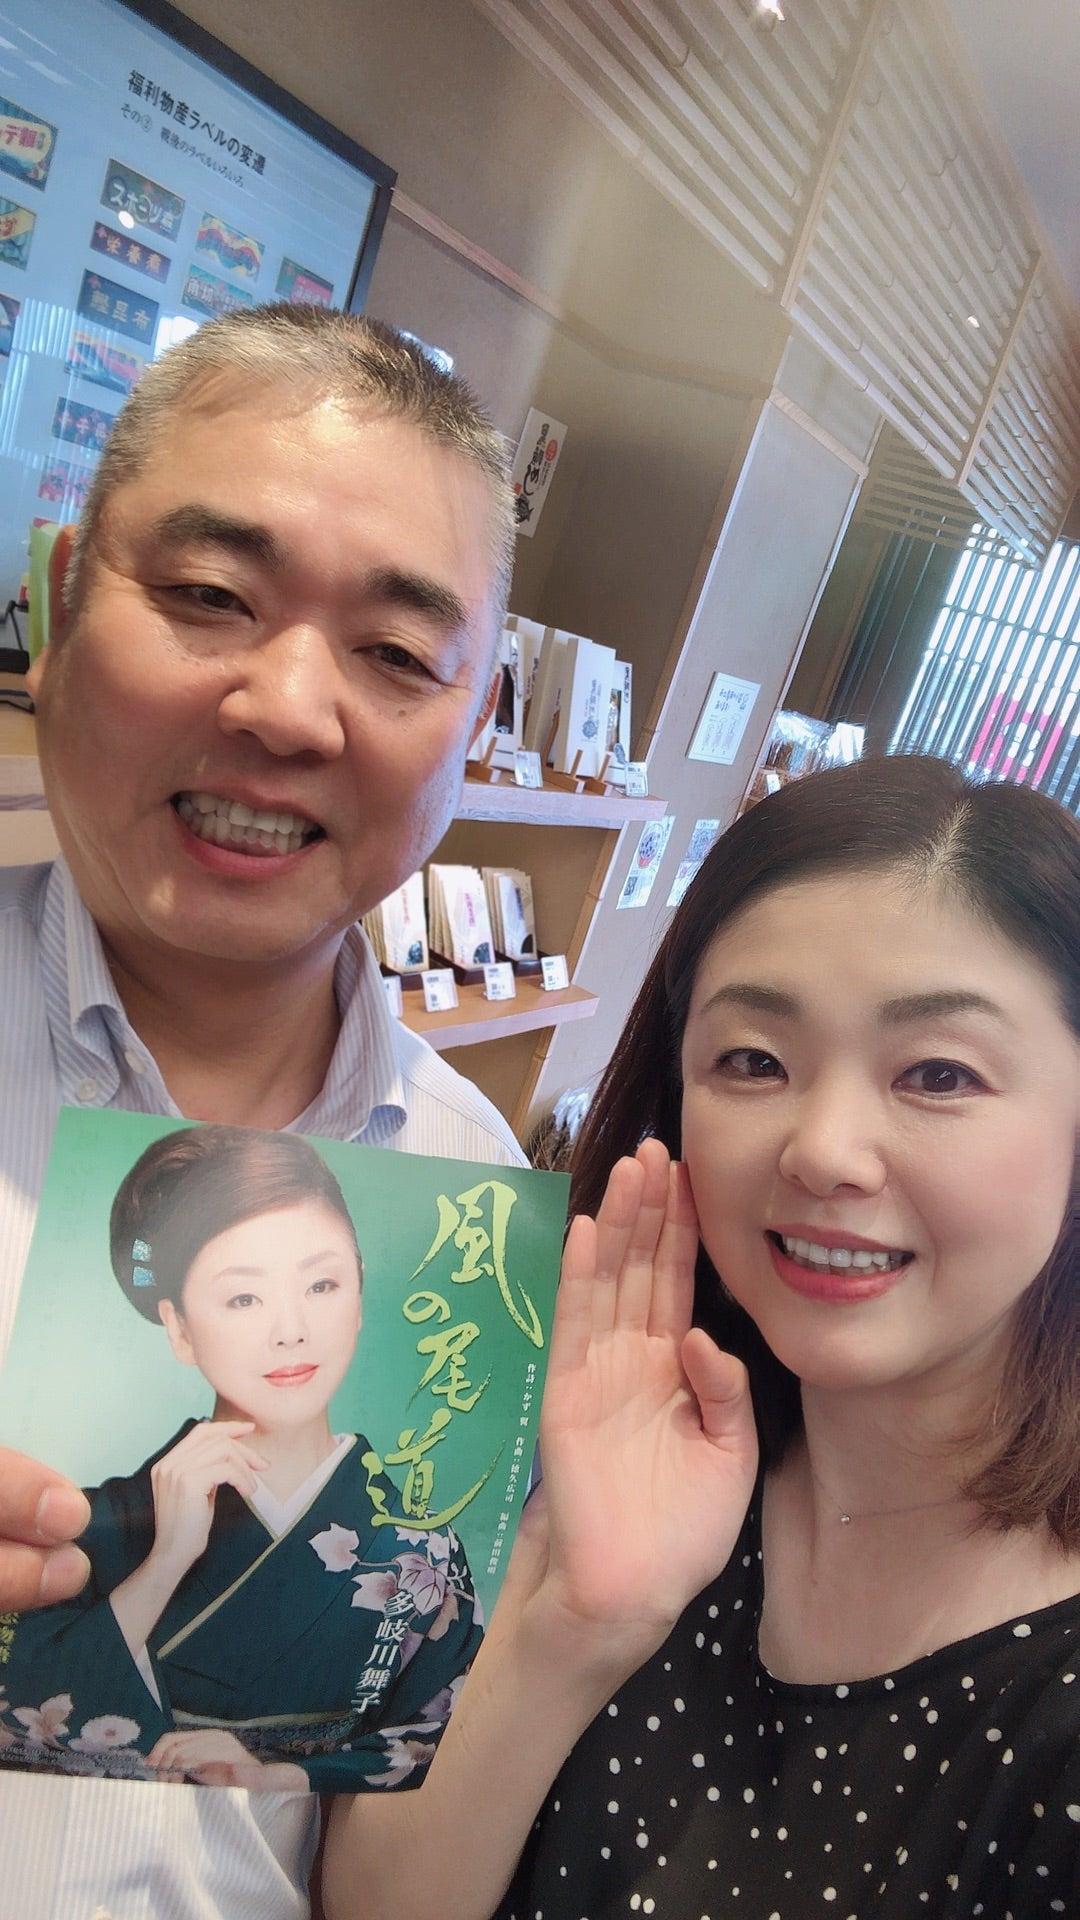 舞子 ブログ 多岐川 多岐川舞子さんの「舞子くらぶ」バスの旅、新曲キャンペーンから、「樹木の四季」管理人の思い出の記録